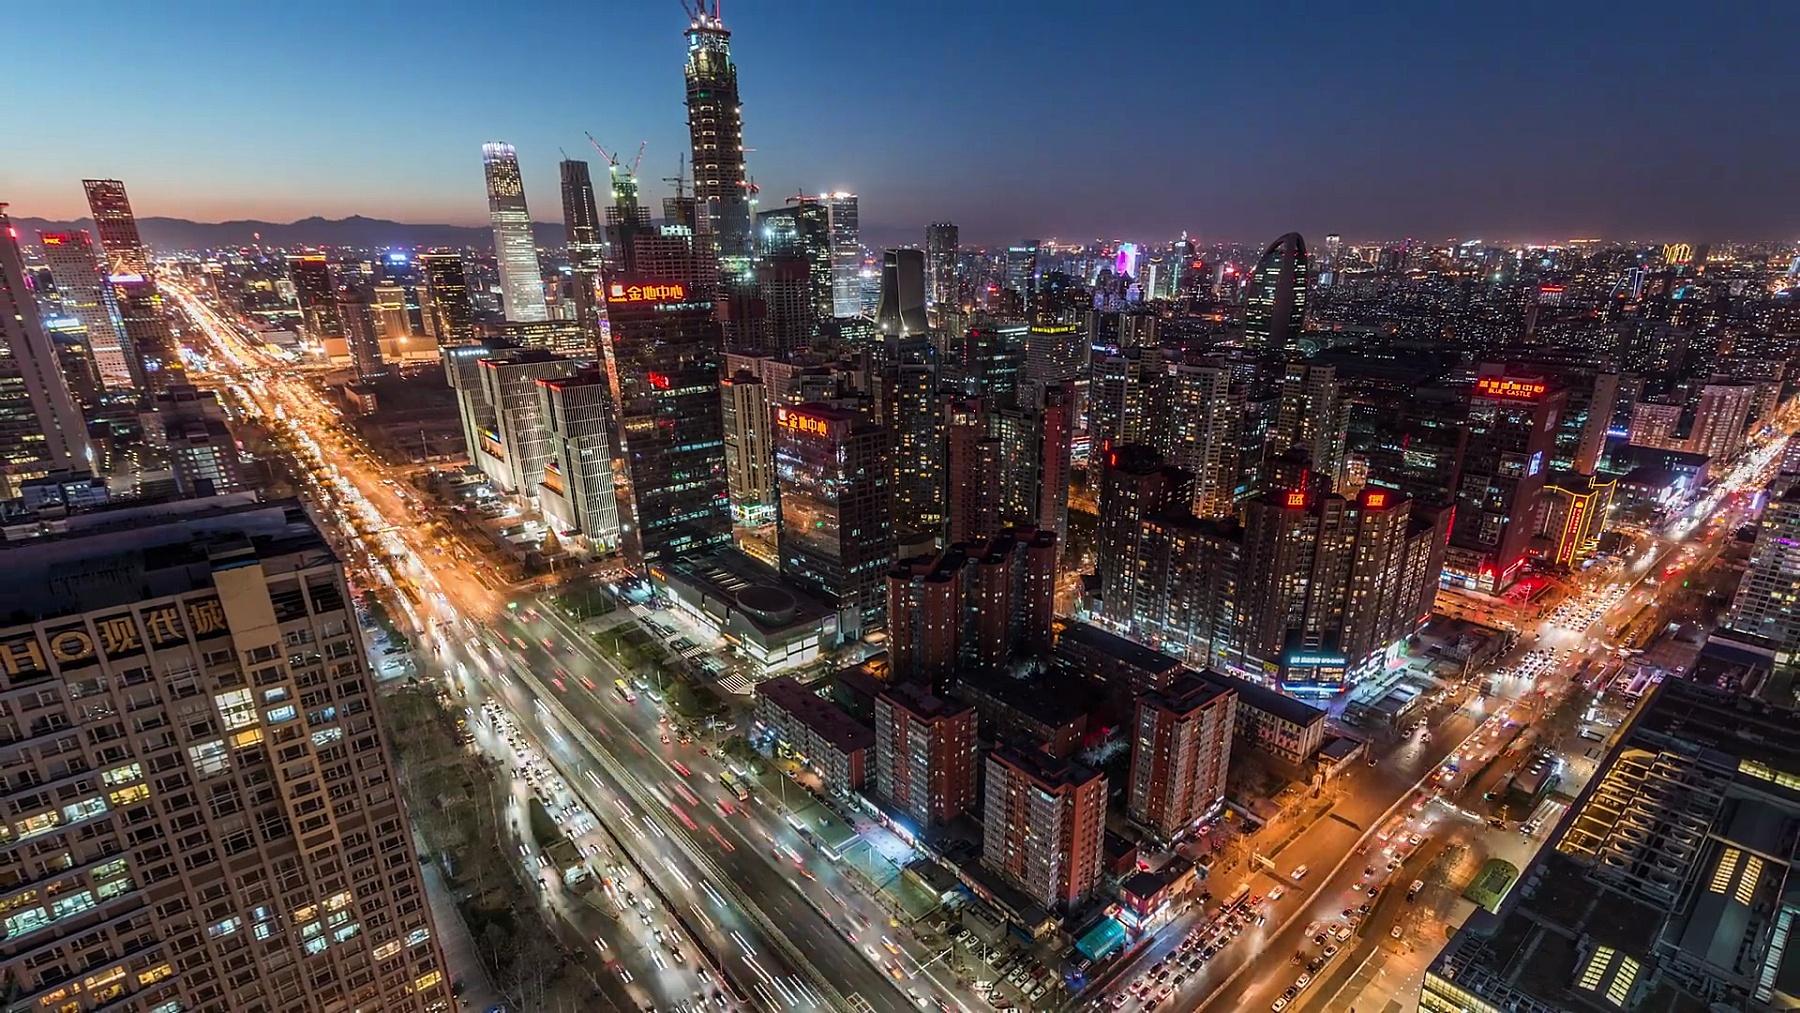 T/L WS HA ZO北京中央商务区黄昏到夜间过渡/中国北京